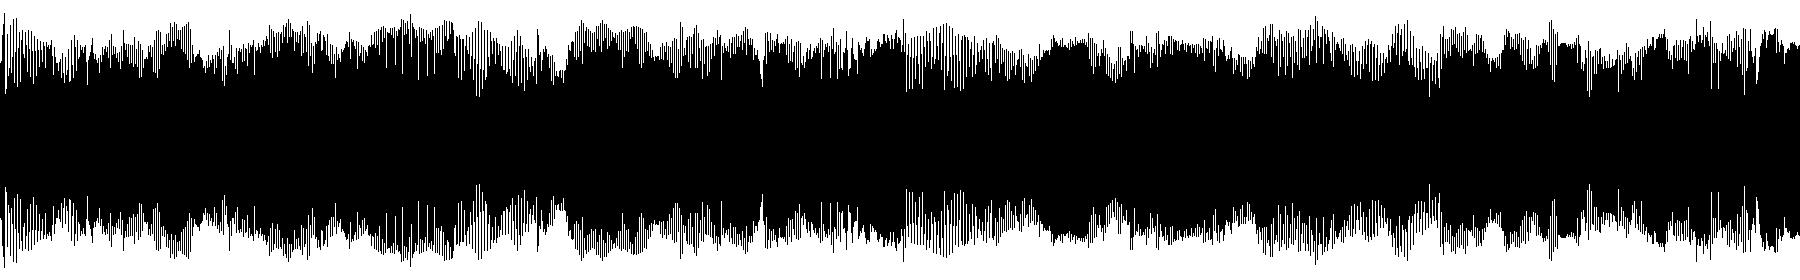 bass13 130